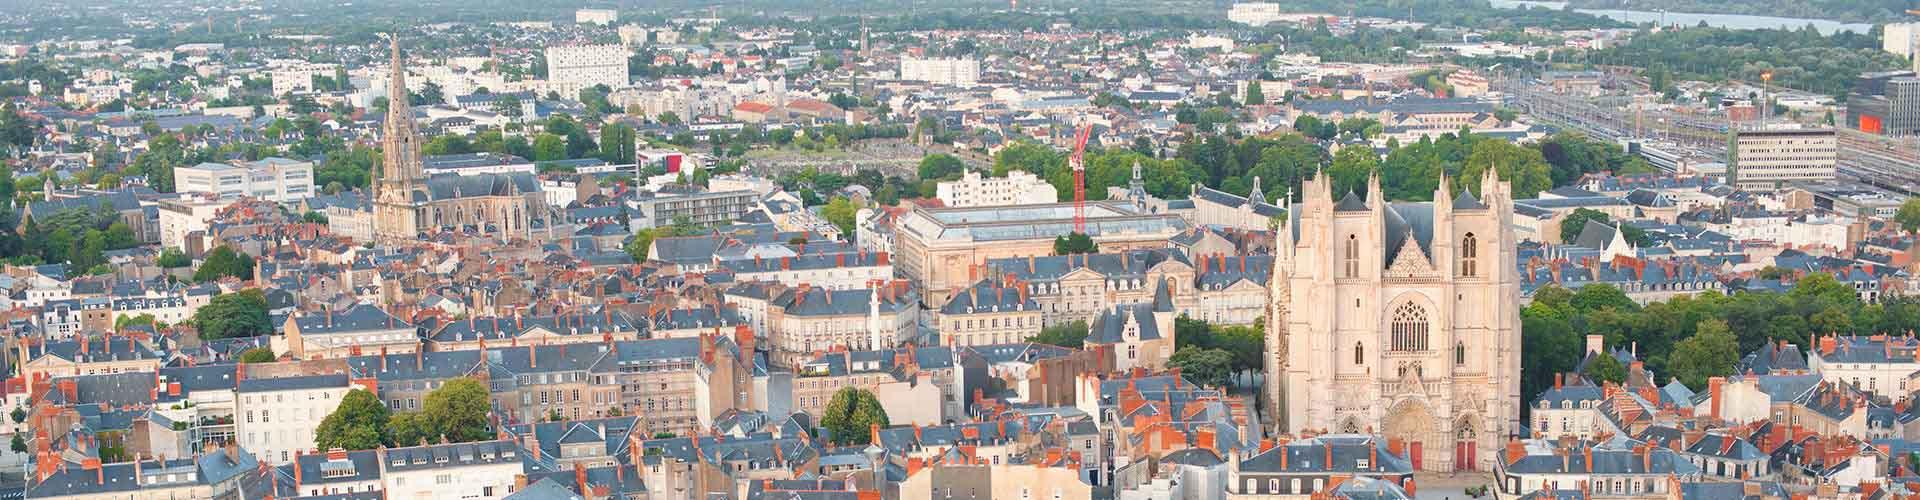 Nantes - Appartements près de Gare de Nantes. Cartes pour Nantes, photos et commentaires pour chaque appartement à Nantes.